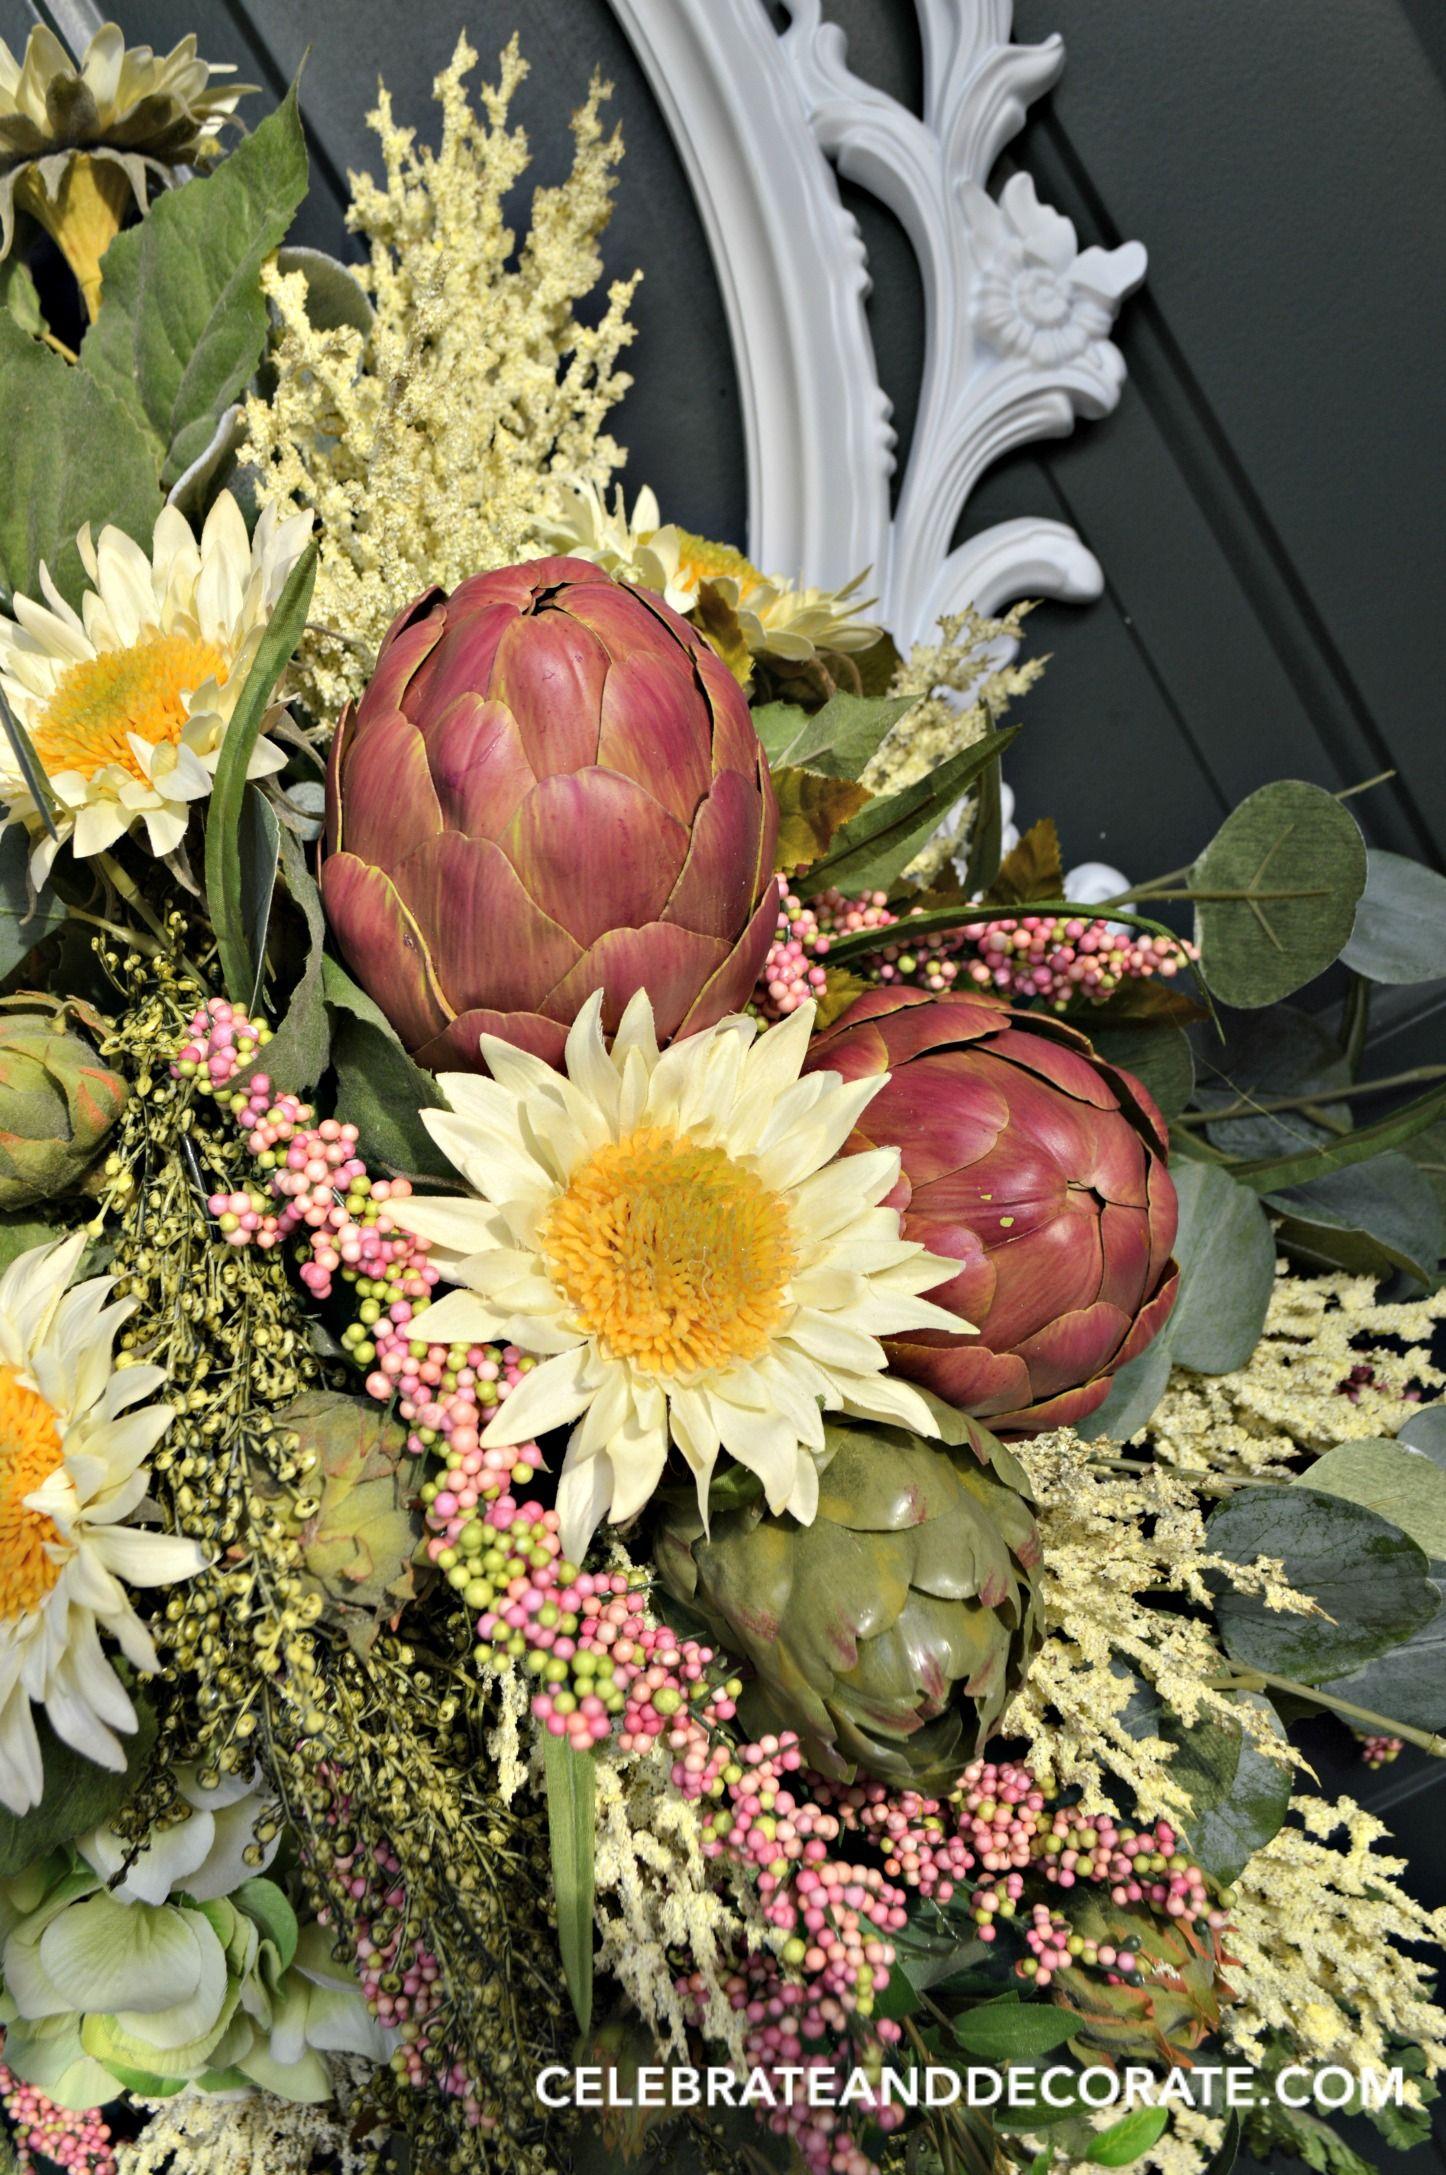 DIY Picture Frame Wreath Celebrate & Decorate in 2020